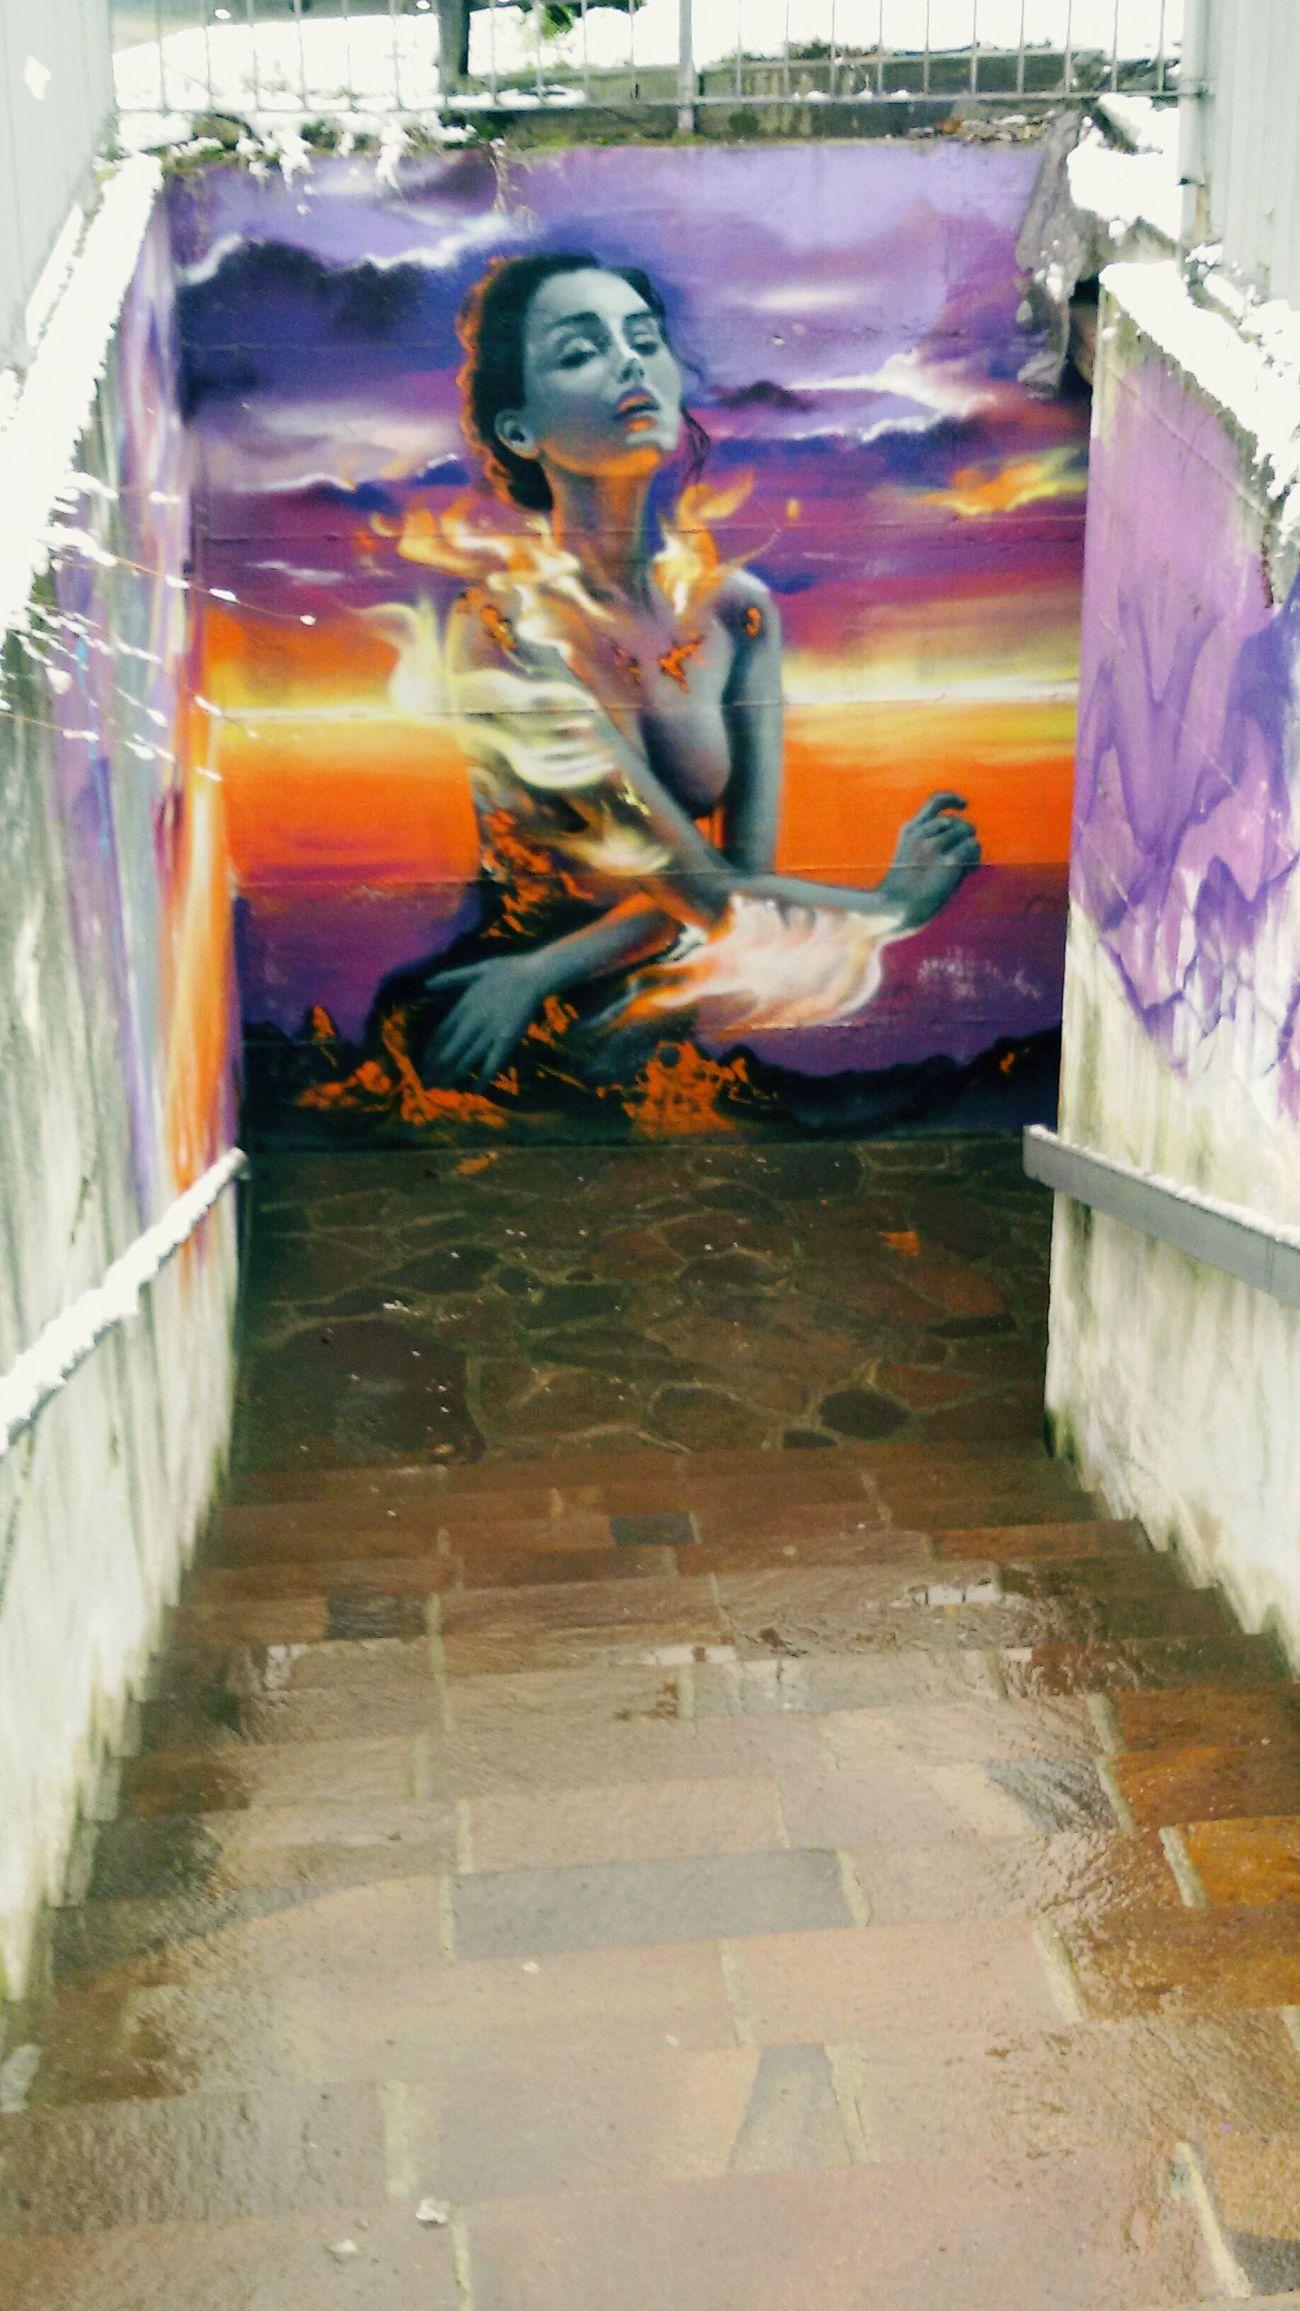 Graffiti Wall Streetphotography Streetphoto_bw